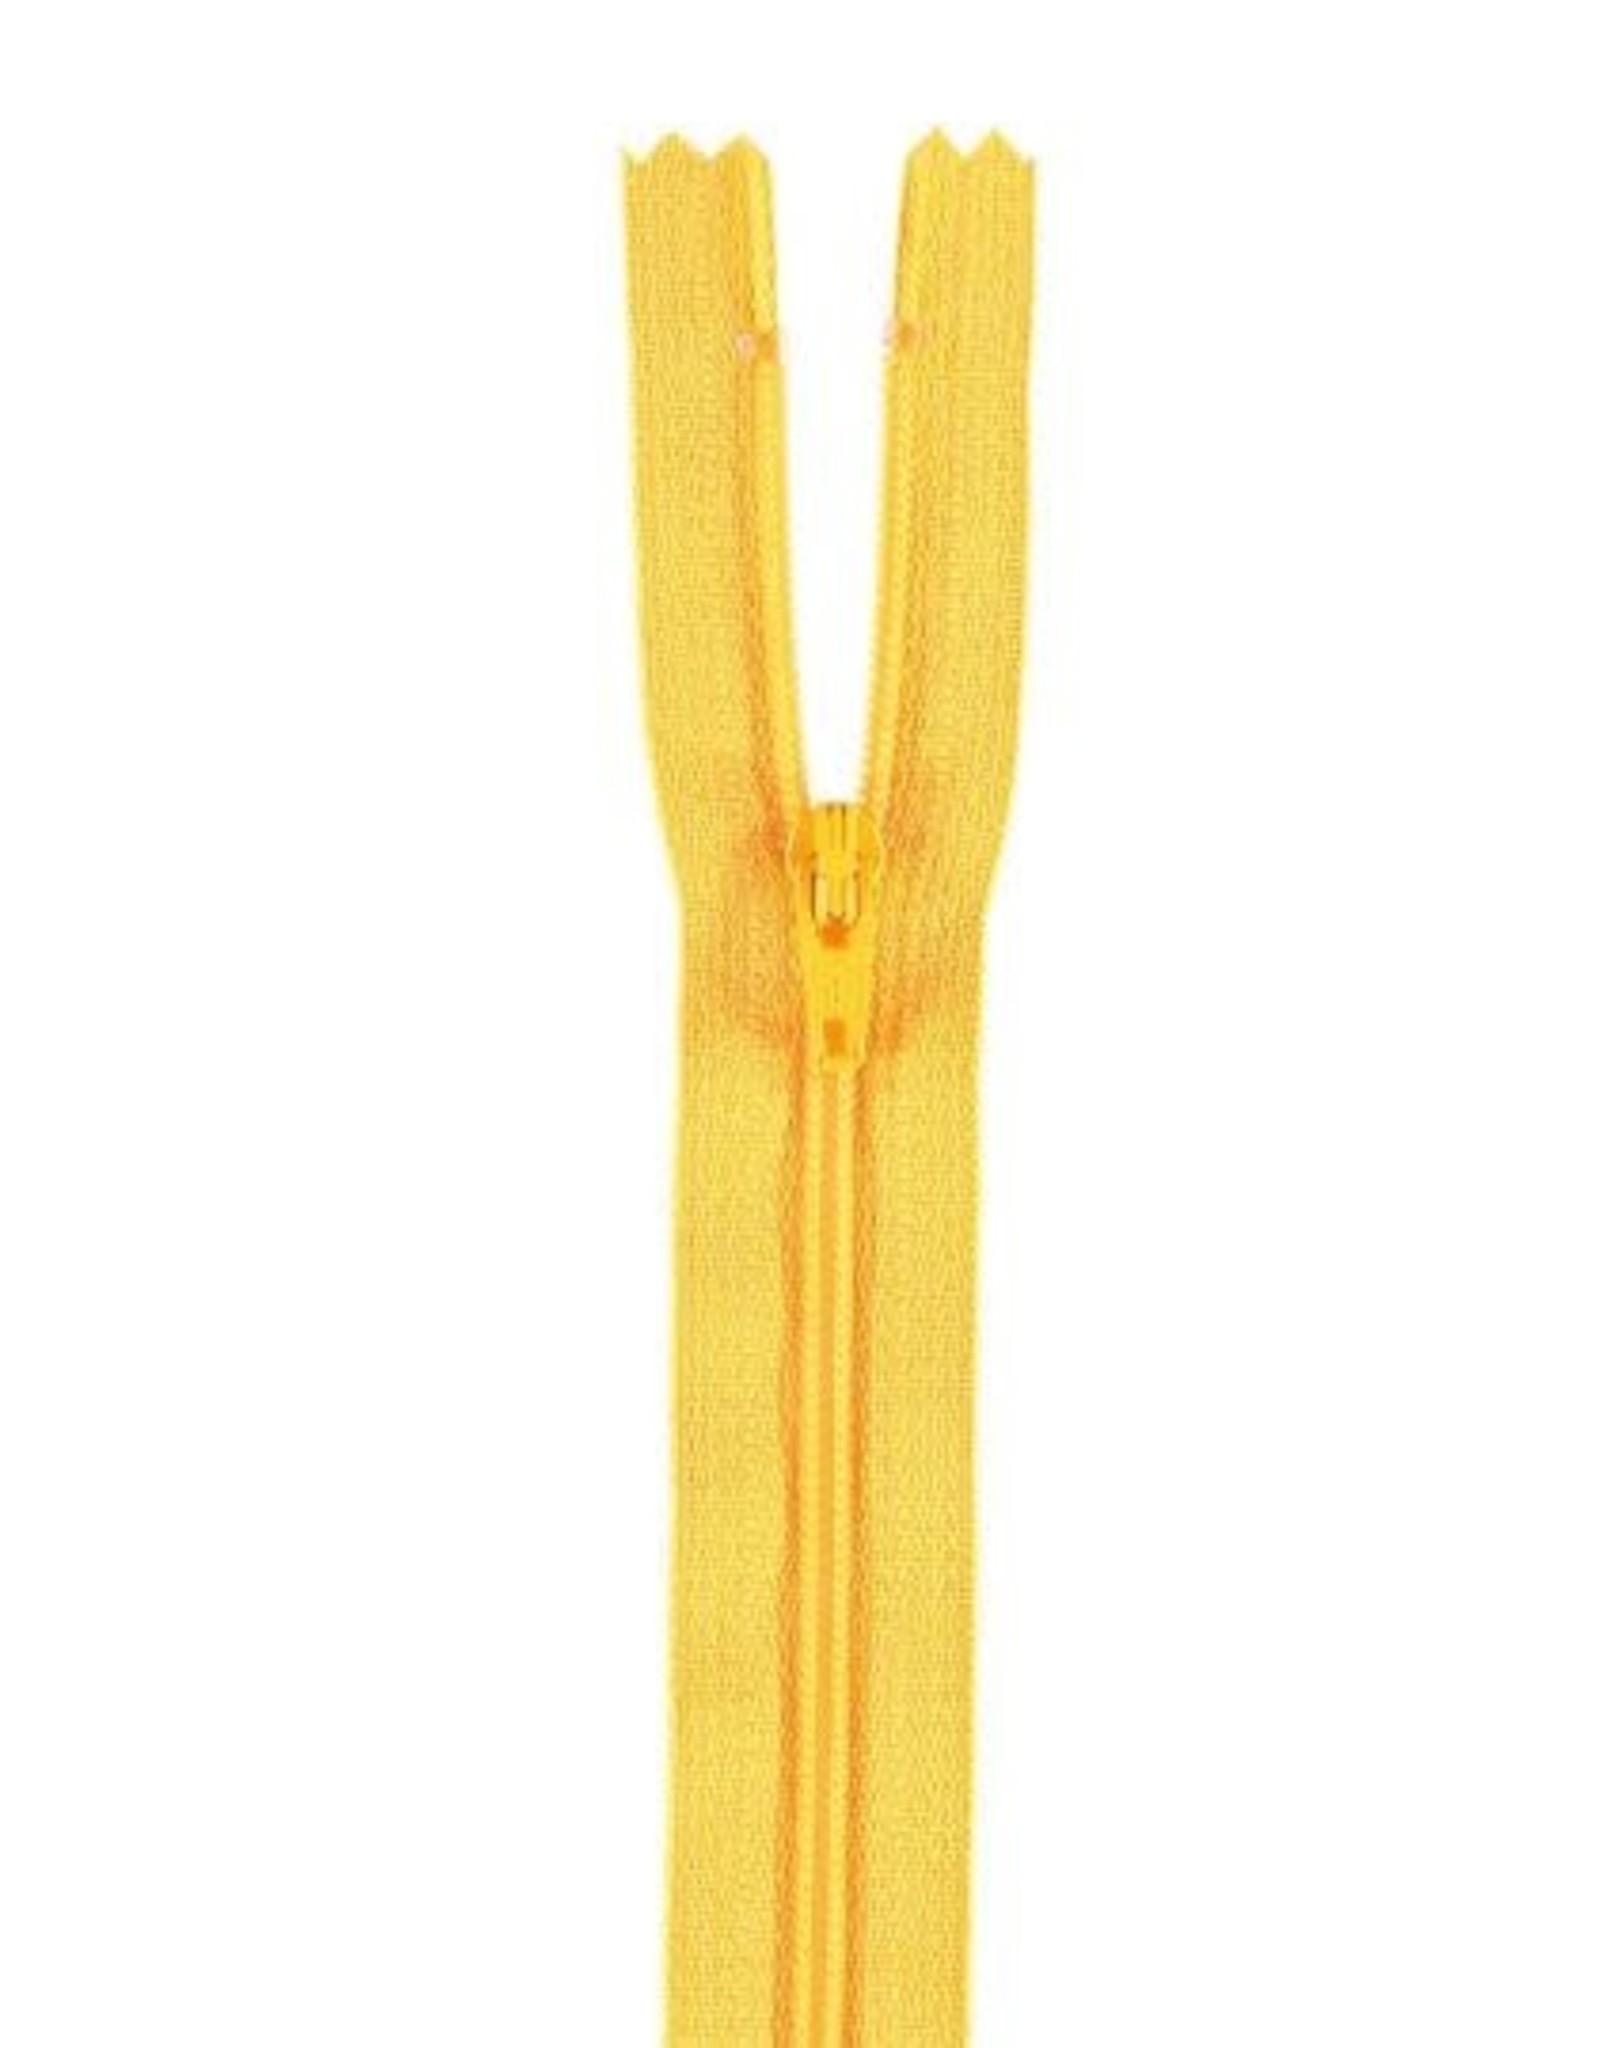 YKK Spiraalrits niet-DB 3mm geel 506-20cm